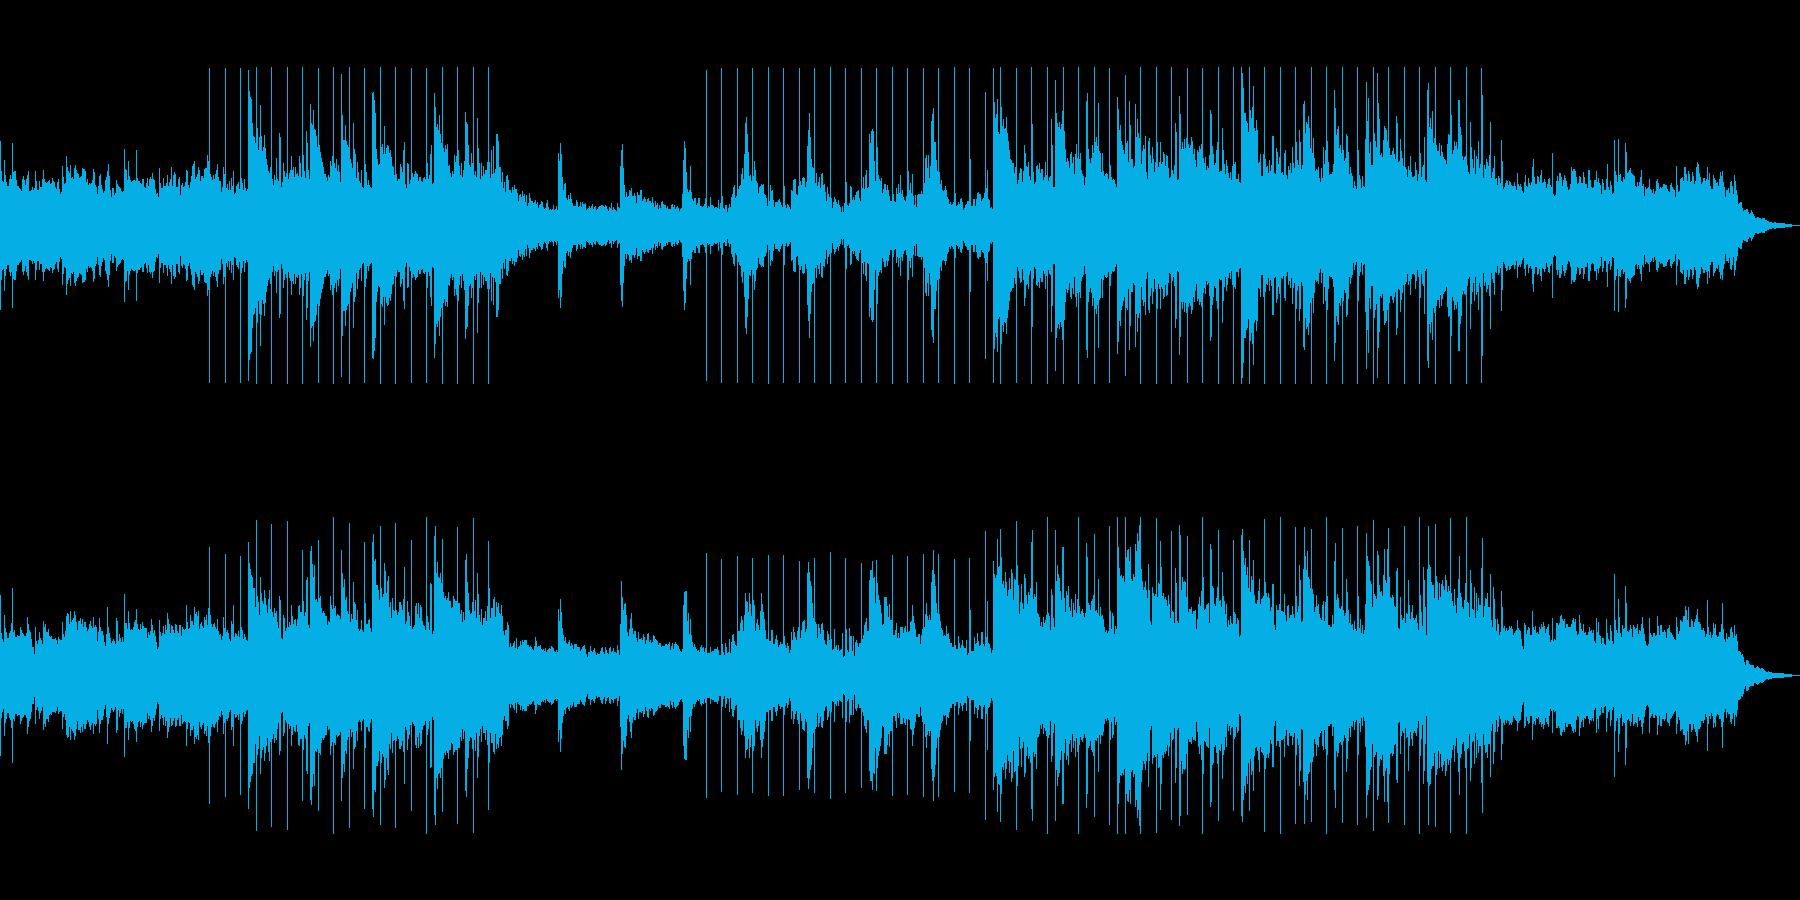 秋のローファイリラックスビートの再生済みの波形